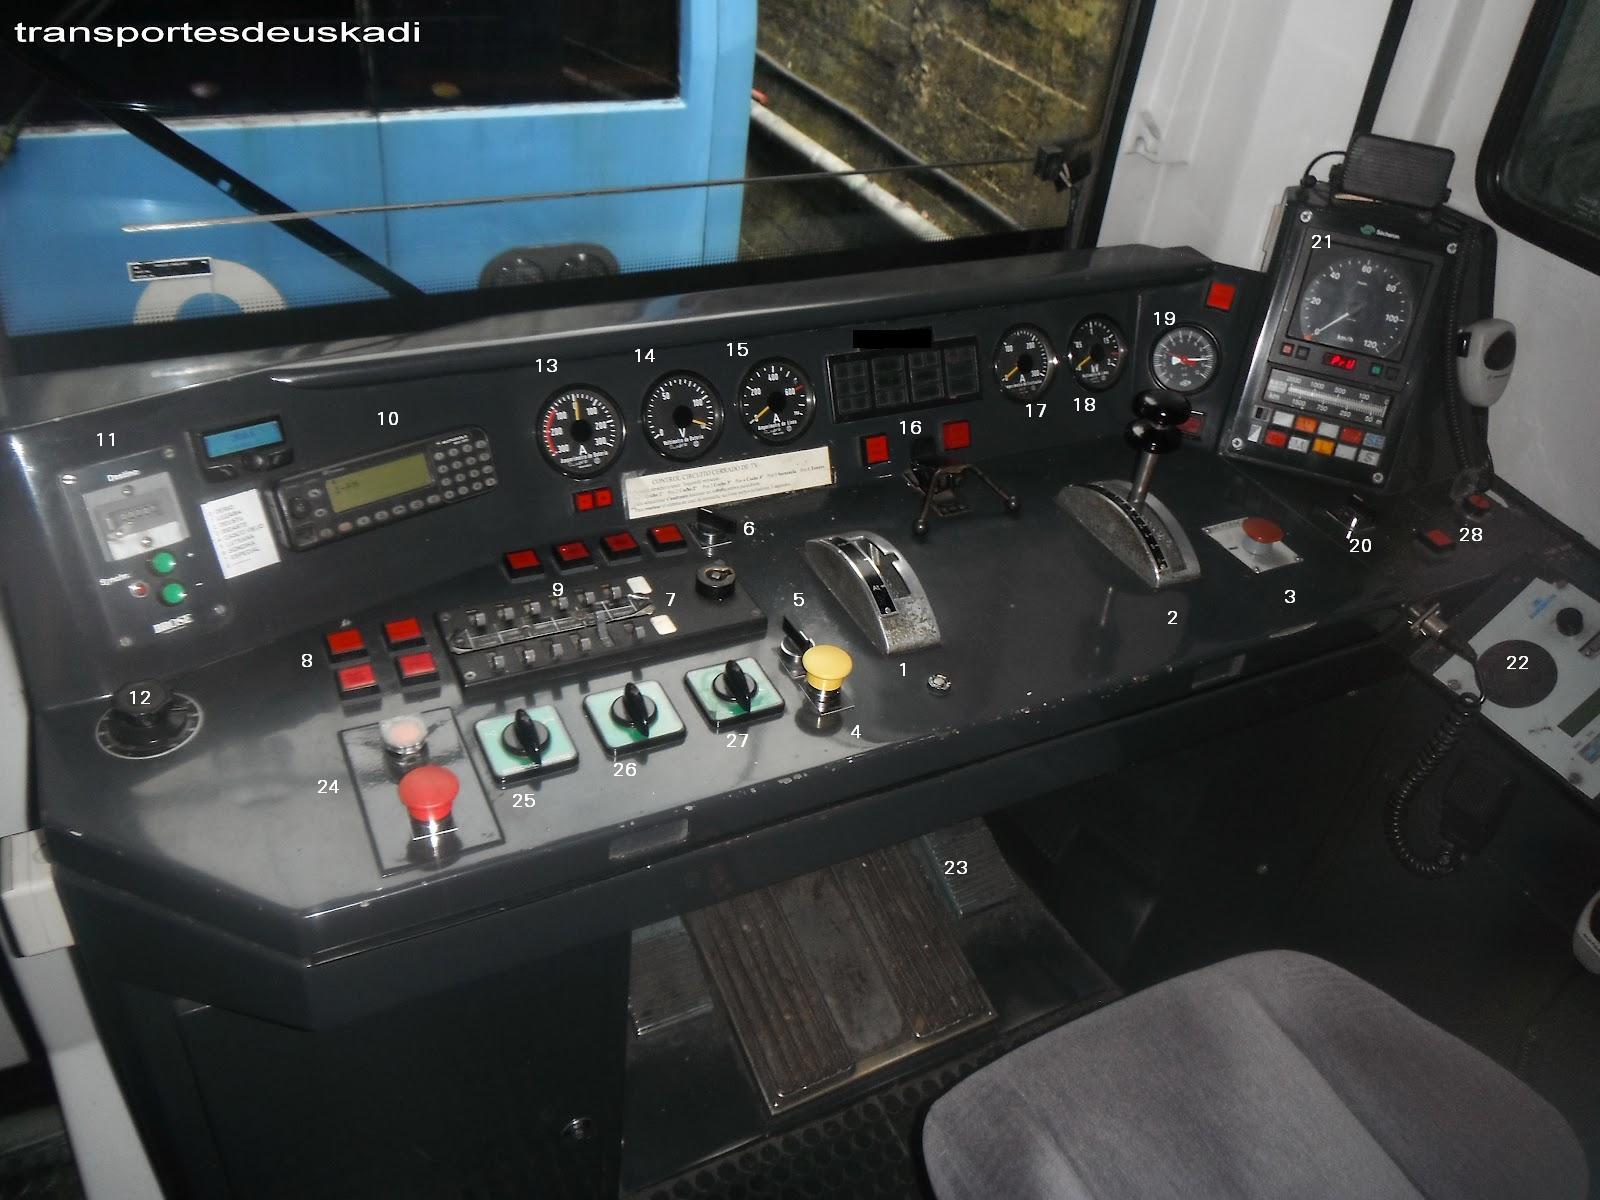 Transportesdeuskadi despidiendo a las unidades 300 de for Cabina di 300 piedi quadrati